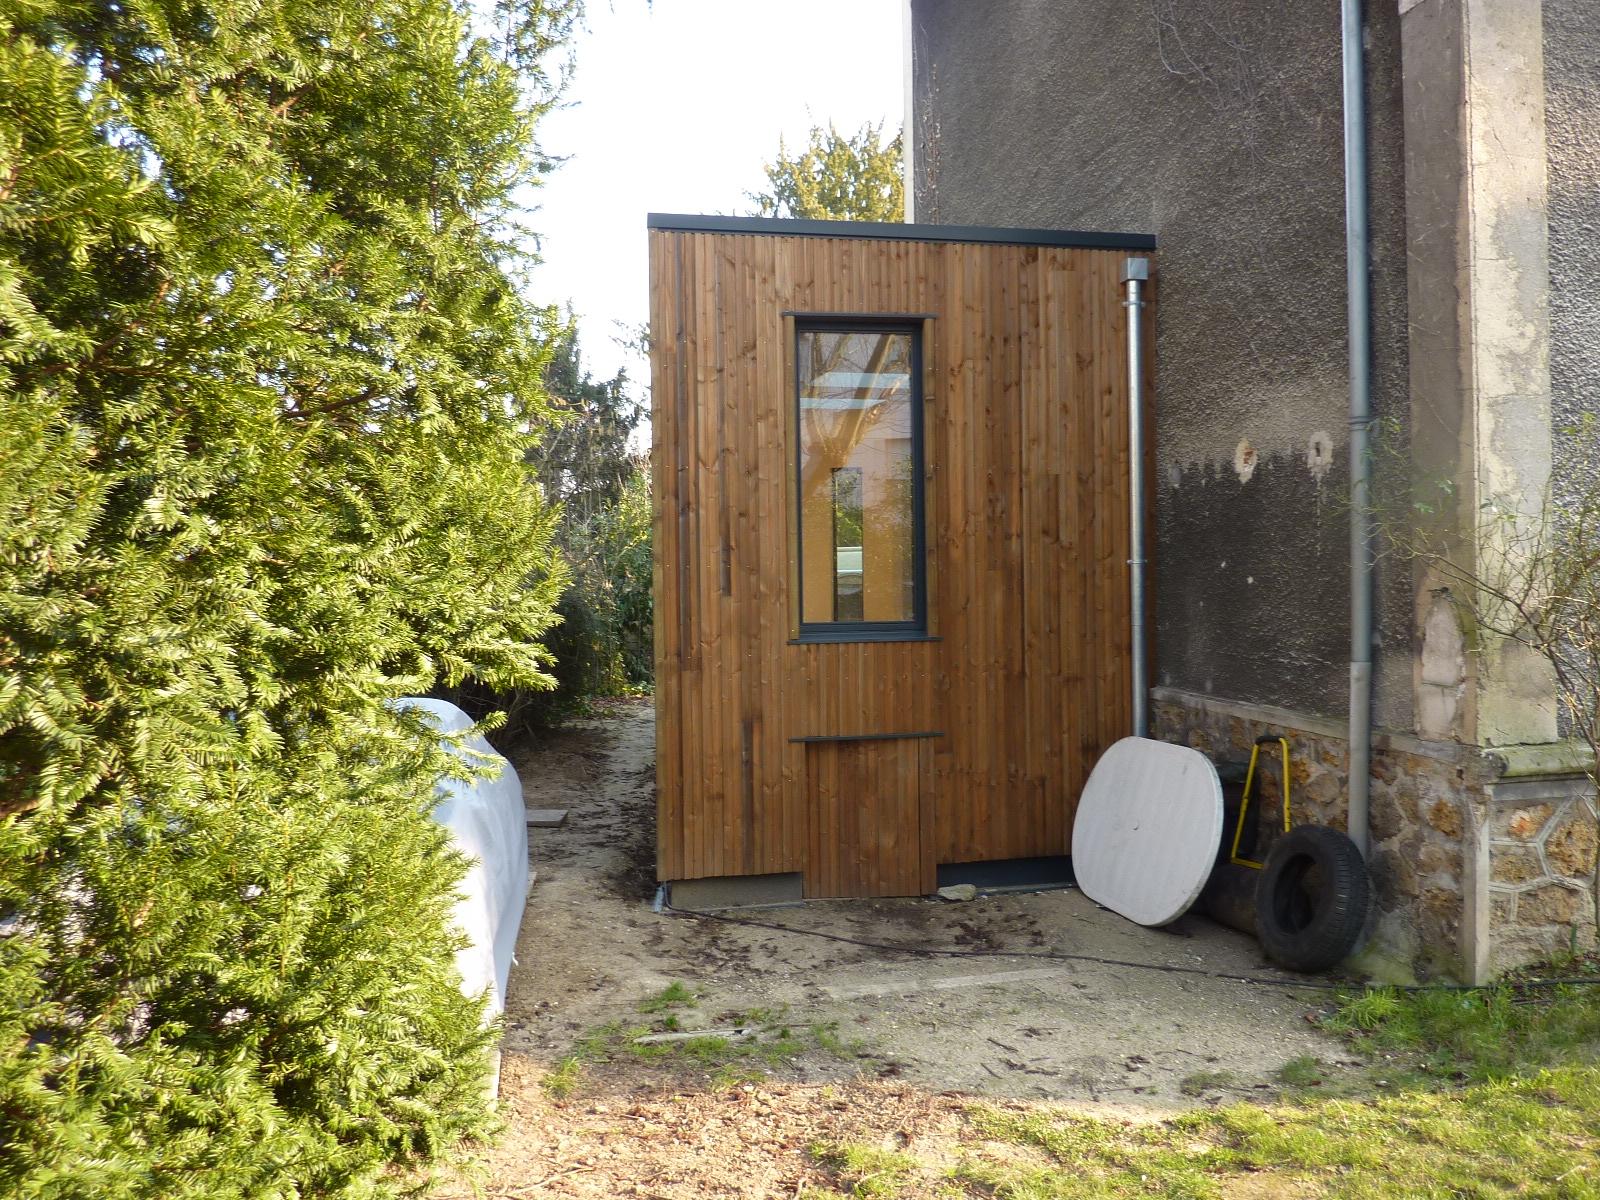 extension bois le plessis robinson 92 architecte maison bois paris alsace. Black Bedroom Furniture Sets. Home Design Ideas